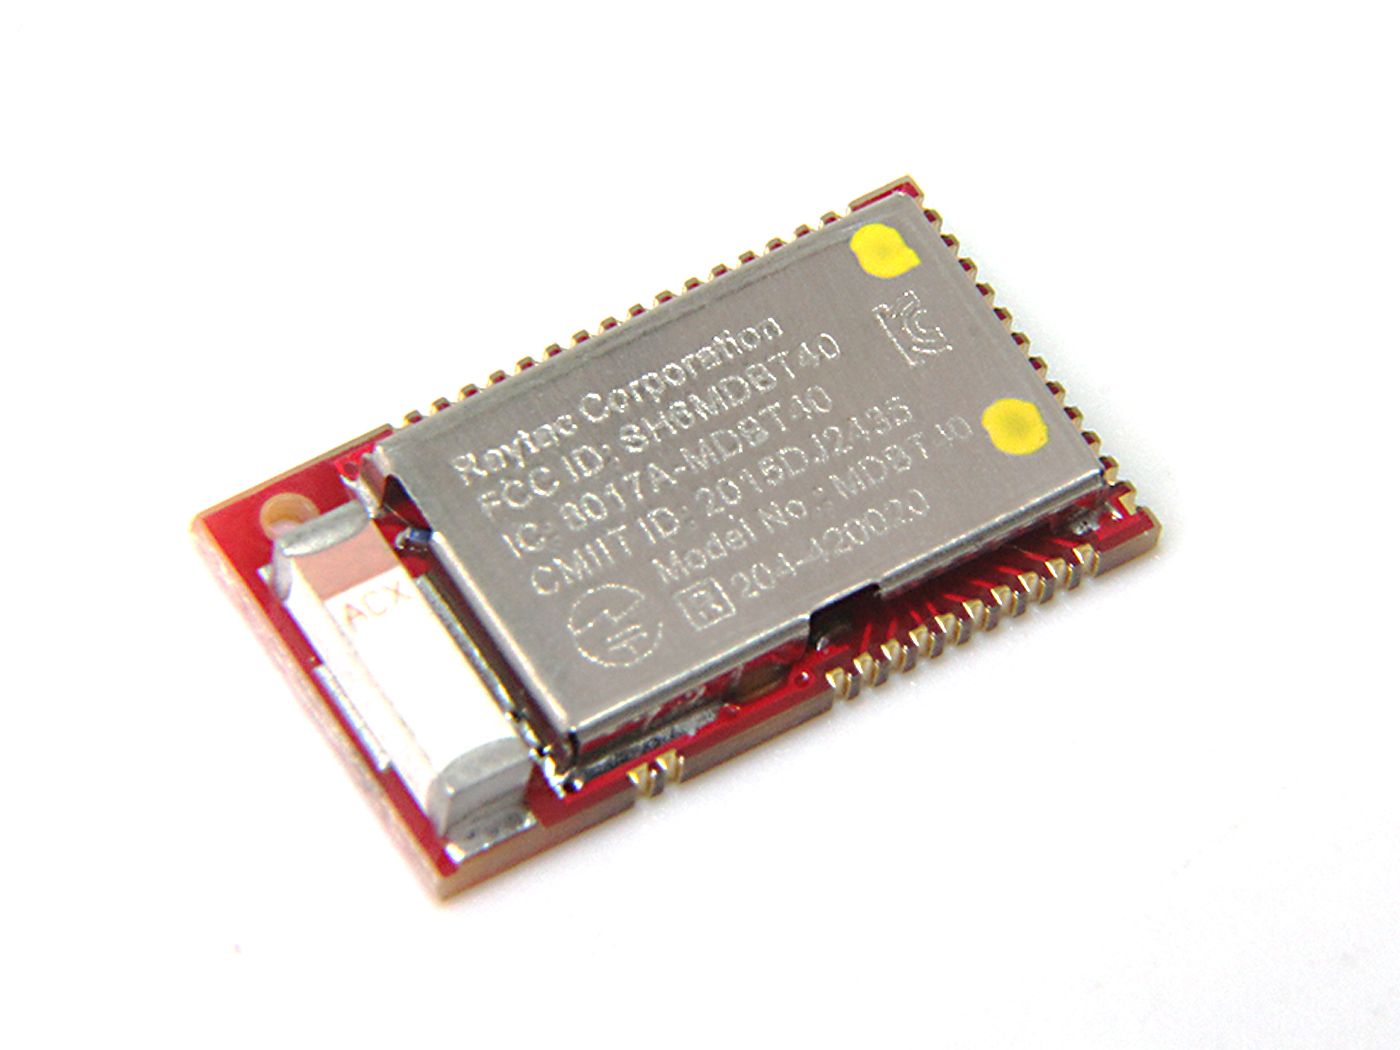 MDBT40-256RV3 nRF51822 based BLE module